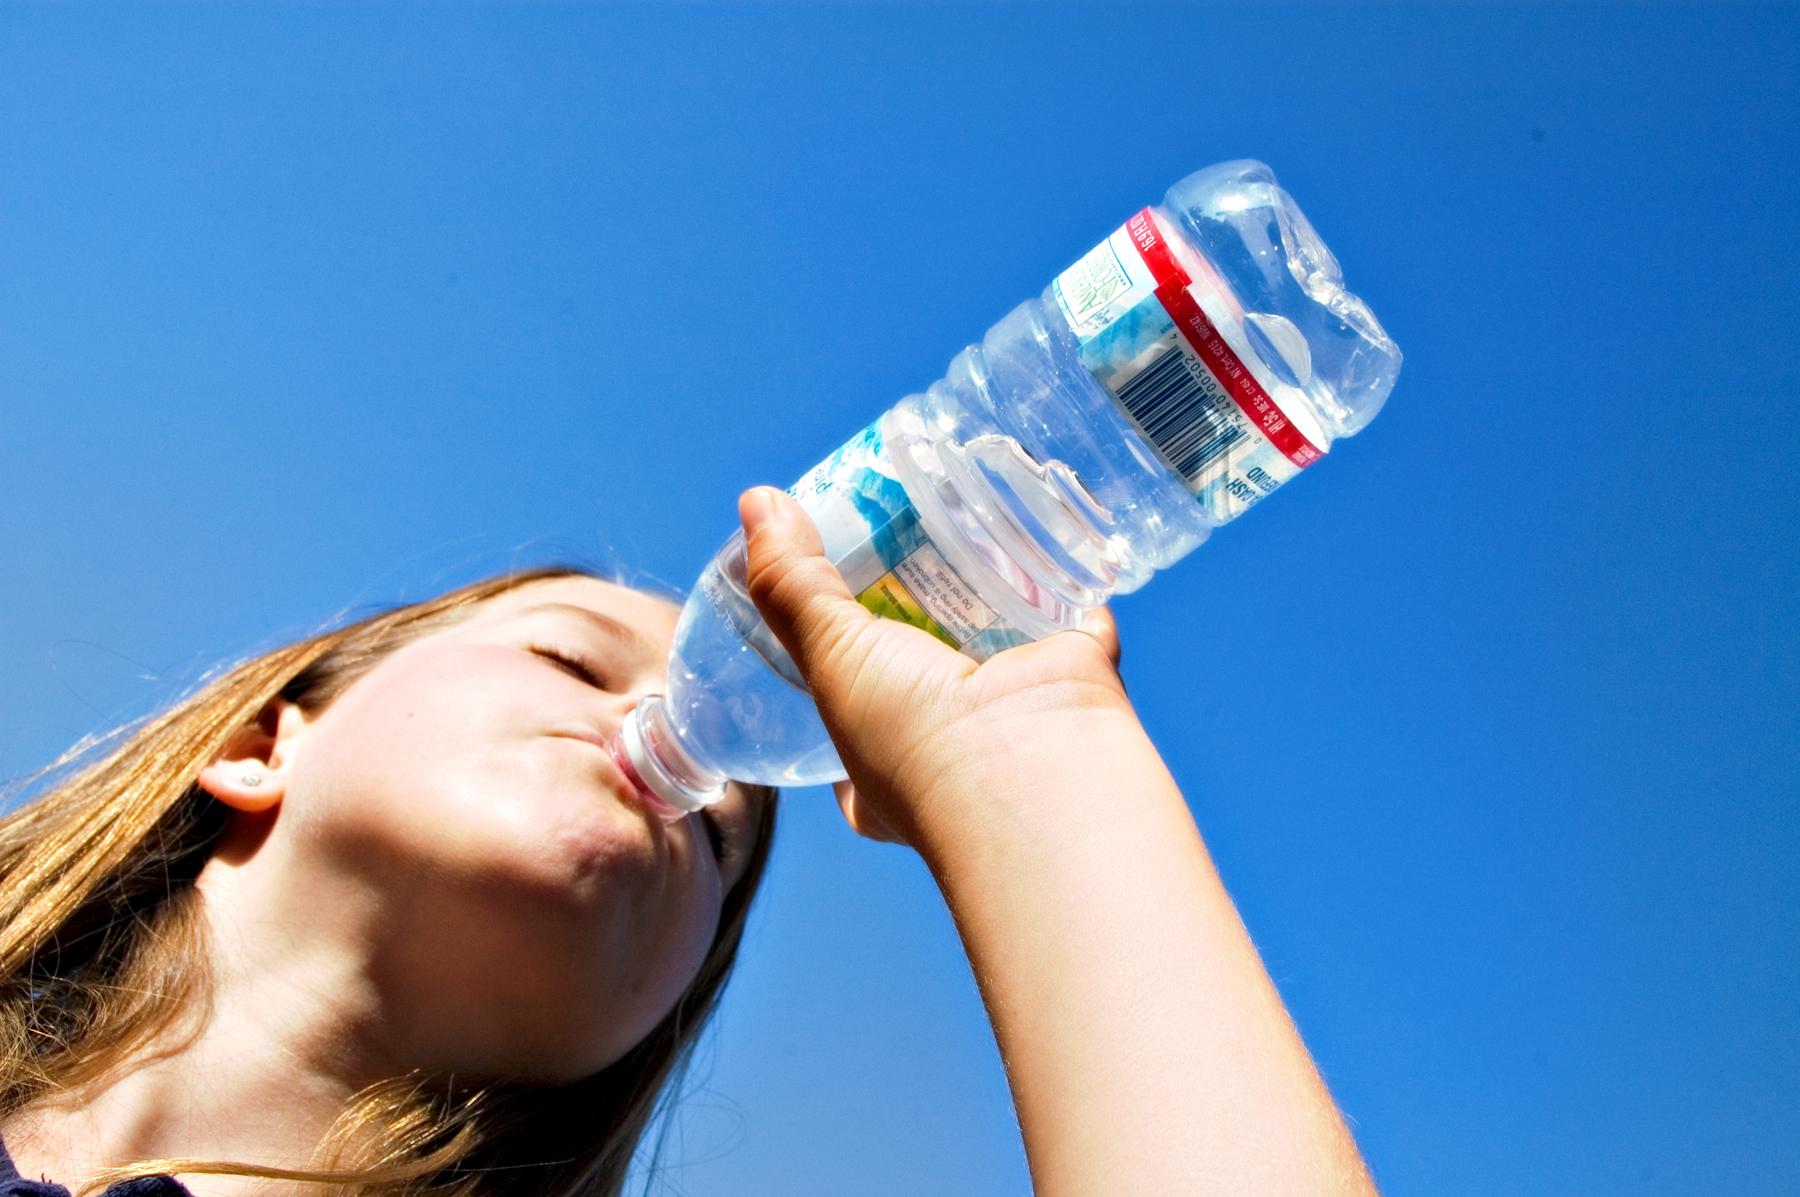 perdere peso bevendo acqua